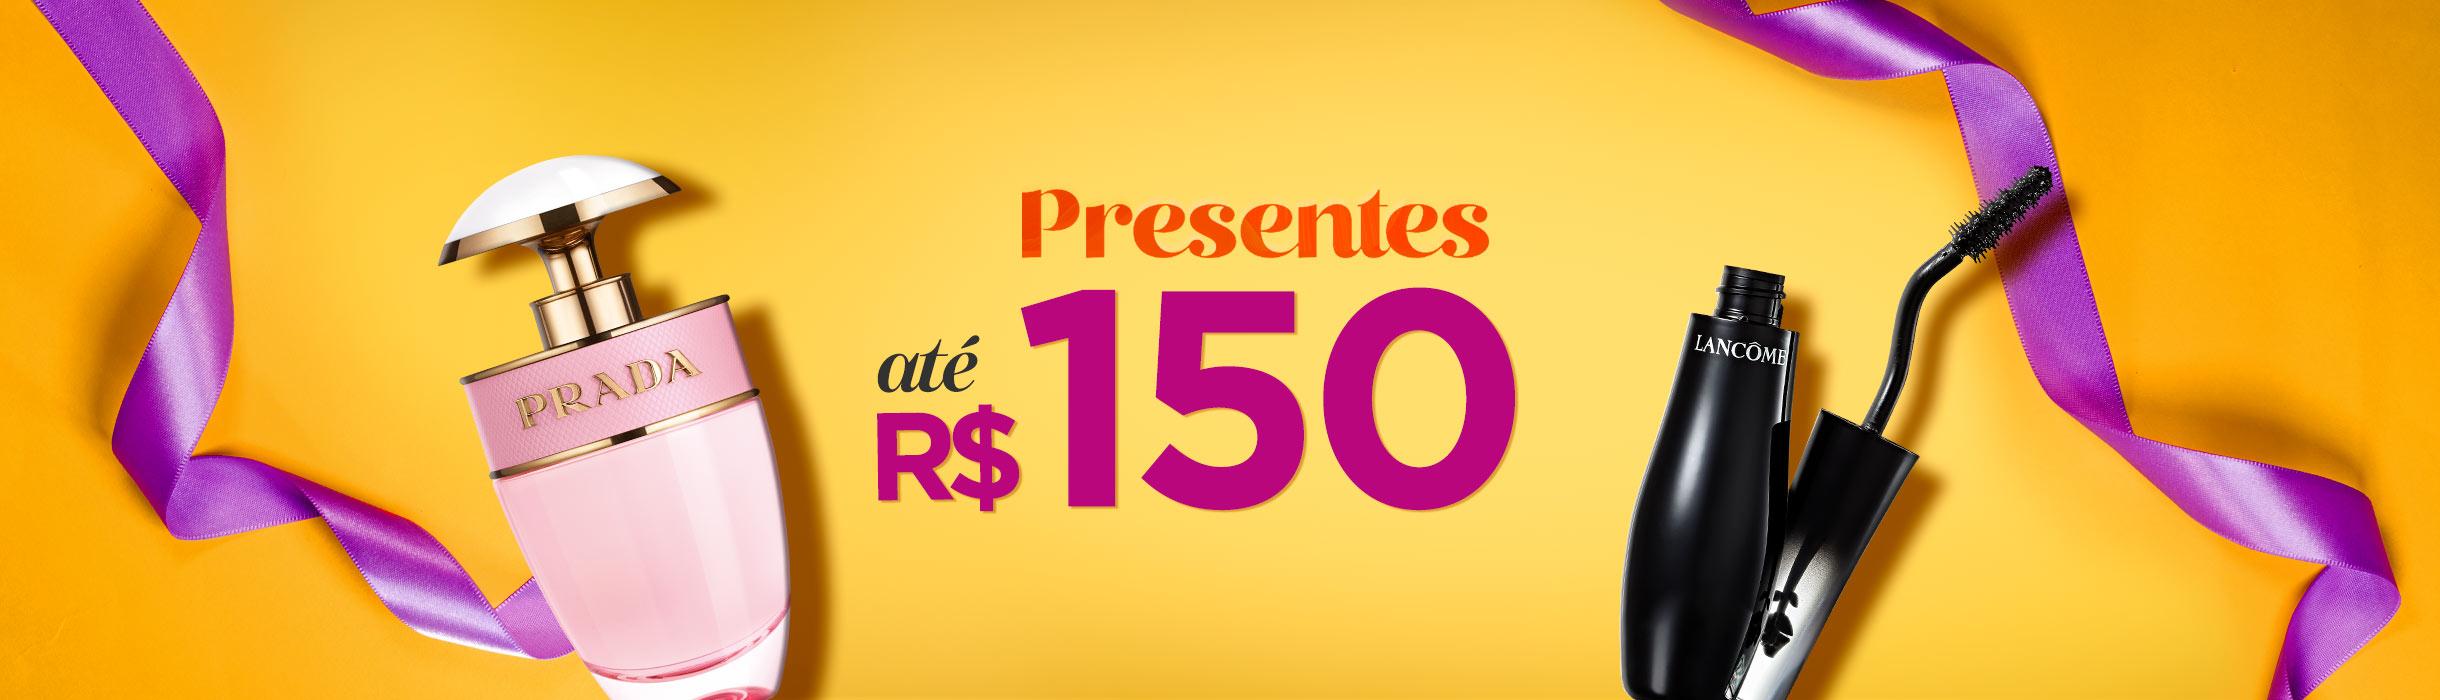 Dia das Mães - Presentes até R$150